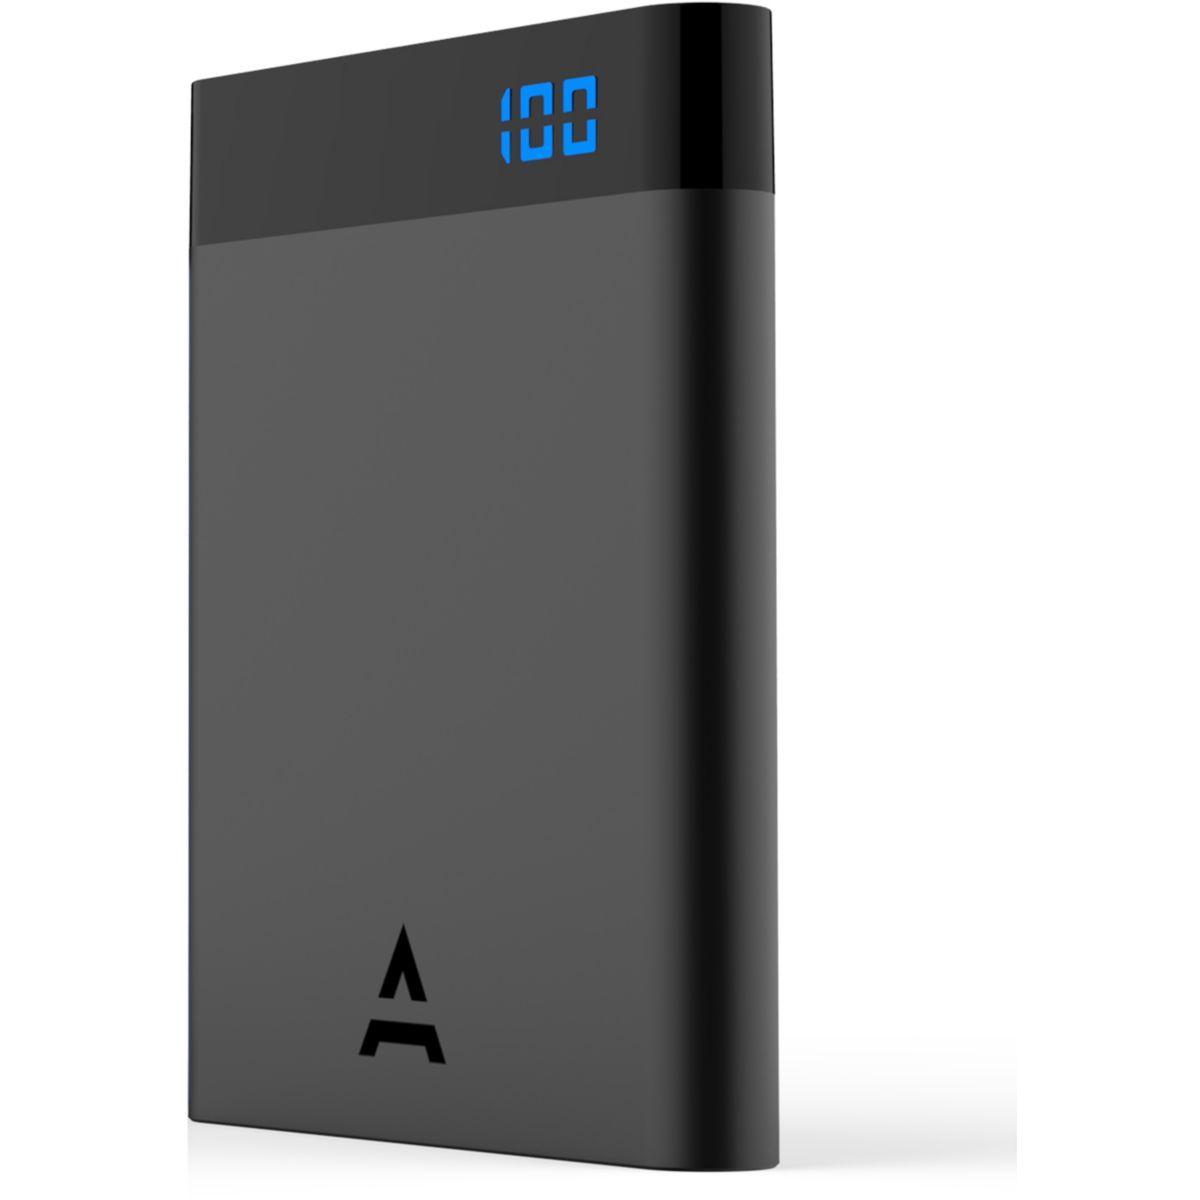 Batterie externe adeqwat 4000 mah noir (photo)